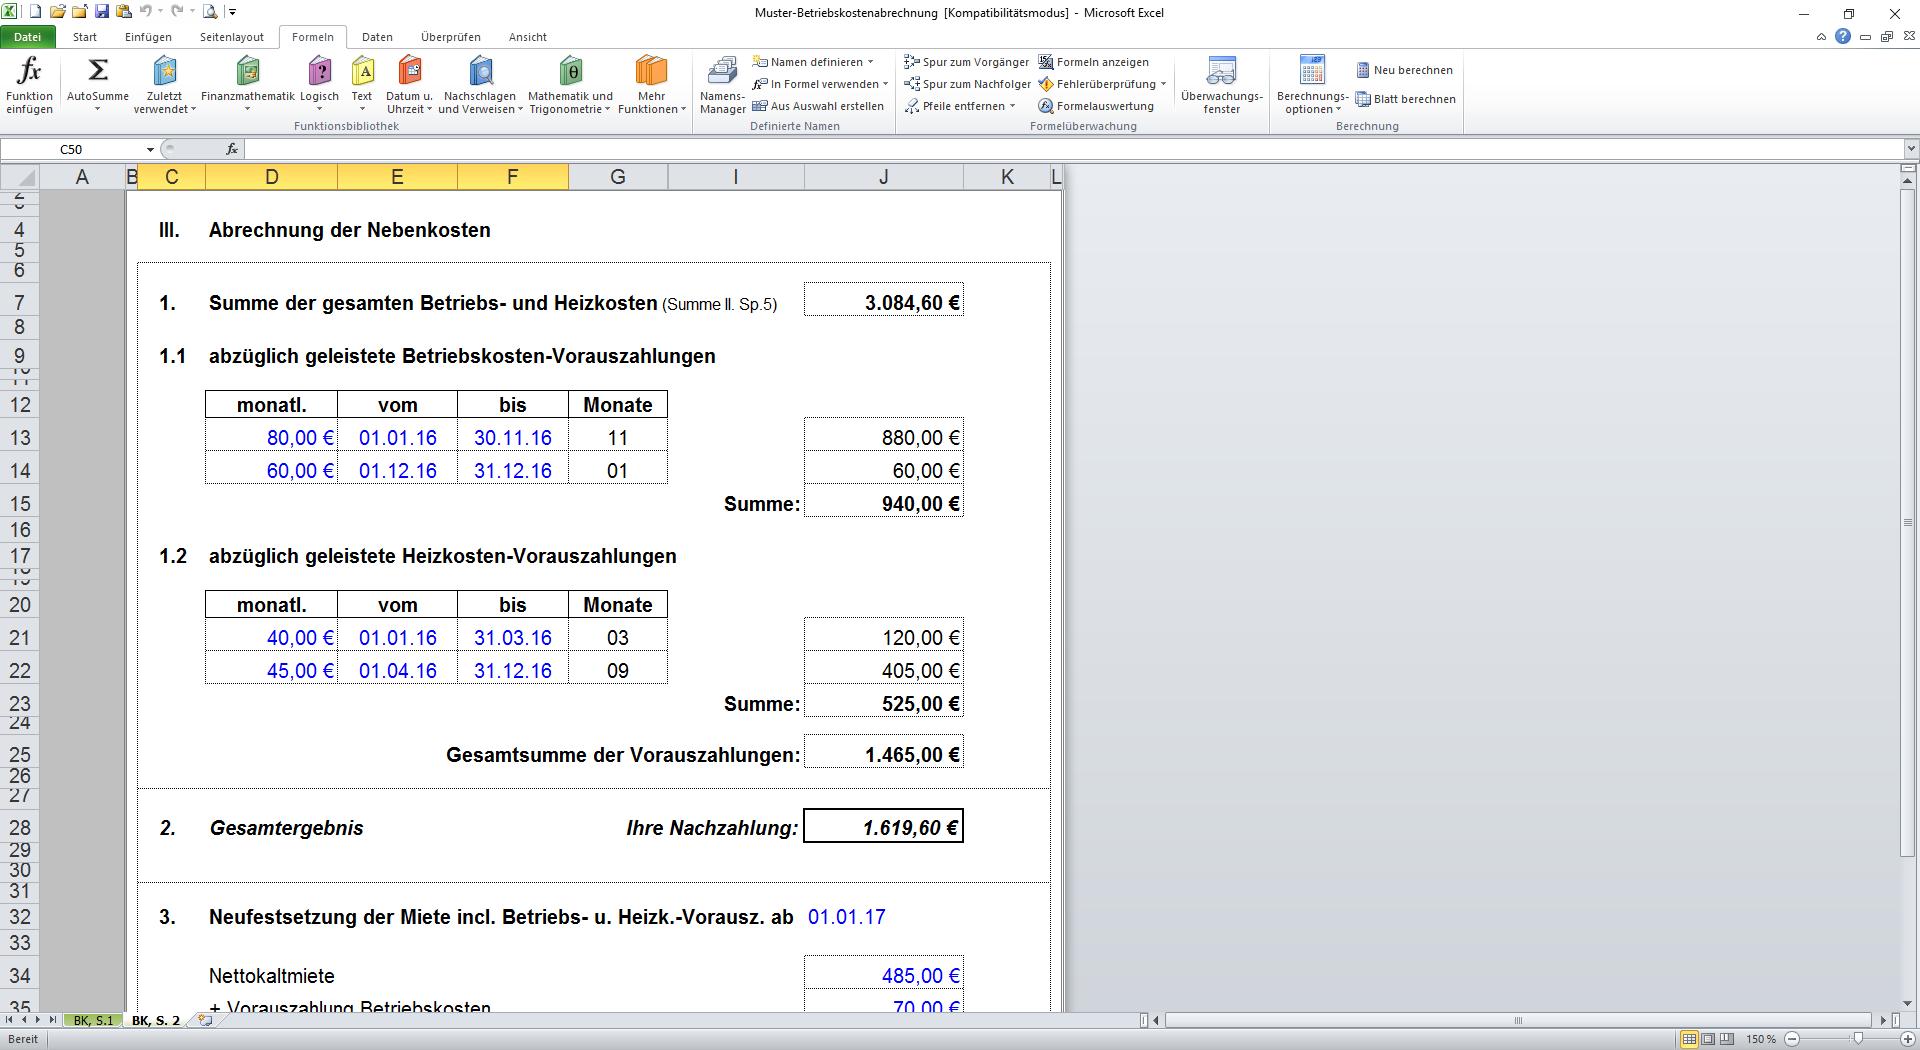 Betriebskostenabrechnung Software Kostenlos : vorlage f r nebenkostenabrechnung nebenkostenabrechnung ~ Michelbontemps.com Haus und Dekorationen